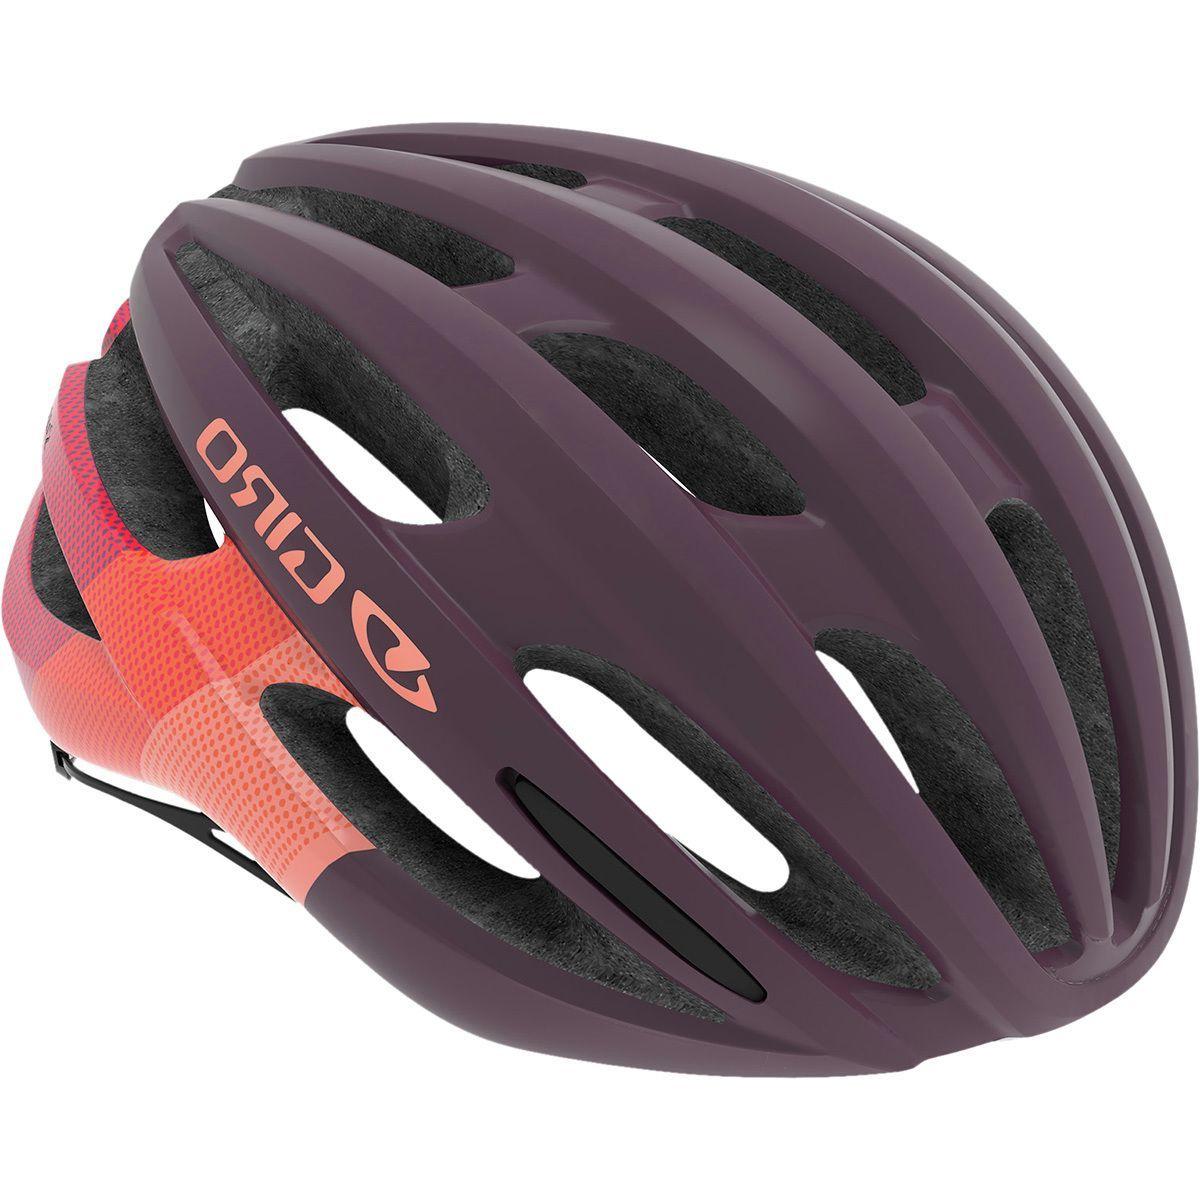 Giro Saga Helmet - Women's